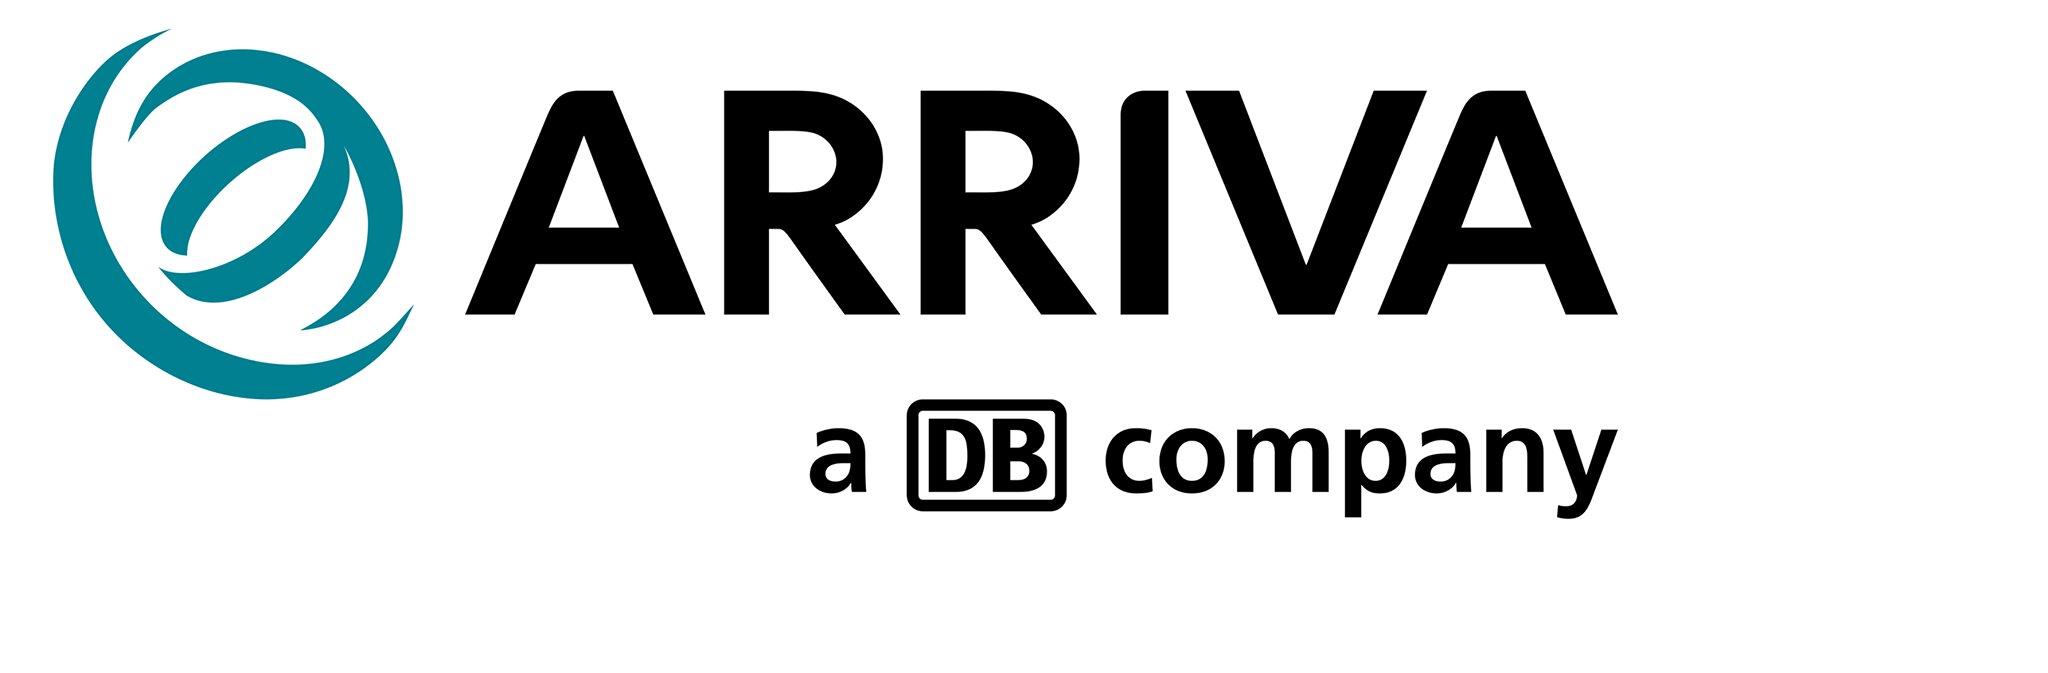 Company logo for: Arriva